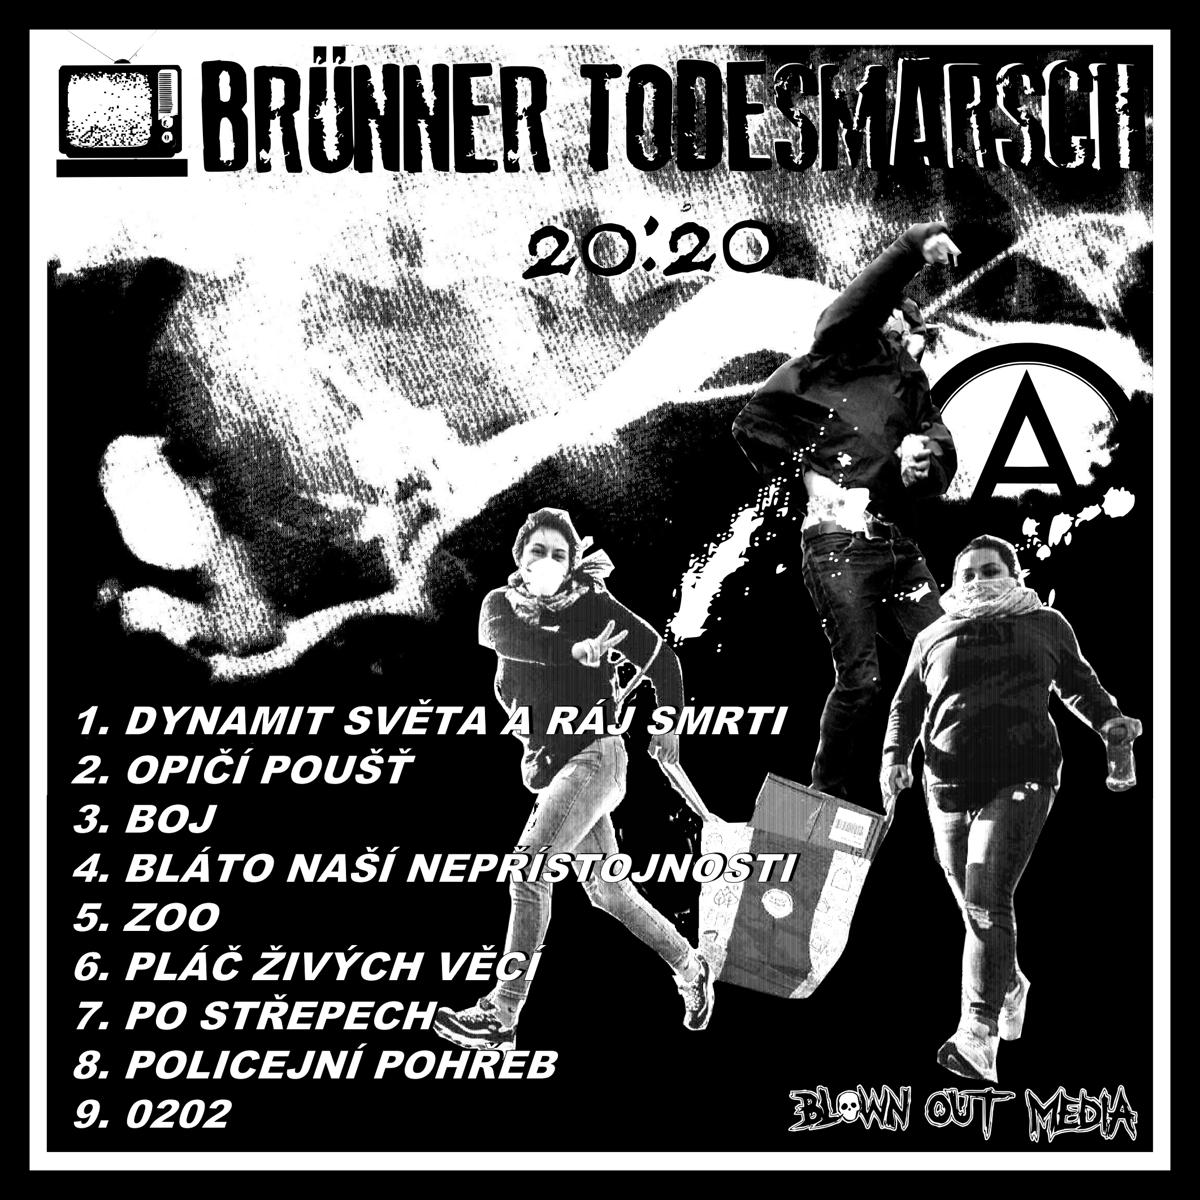 Image of Brünner Todesmarsch 20:20 EP vinyl 7-inch record